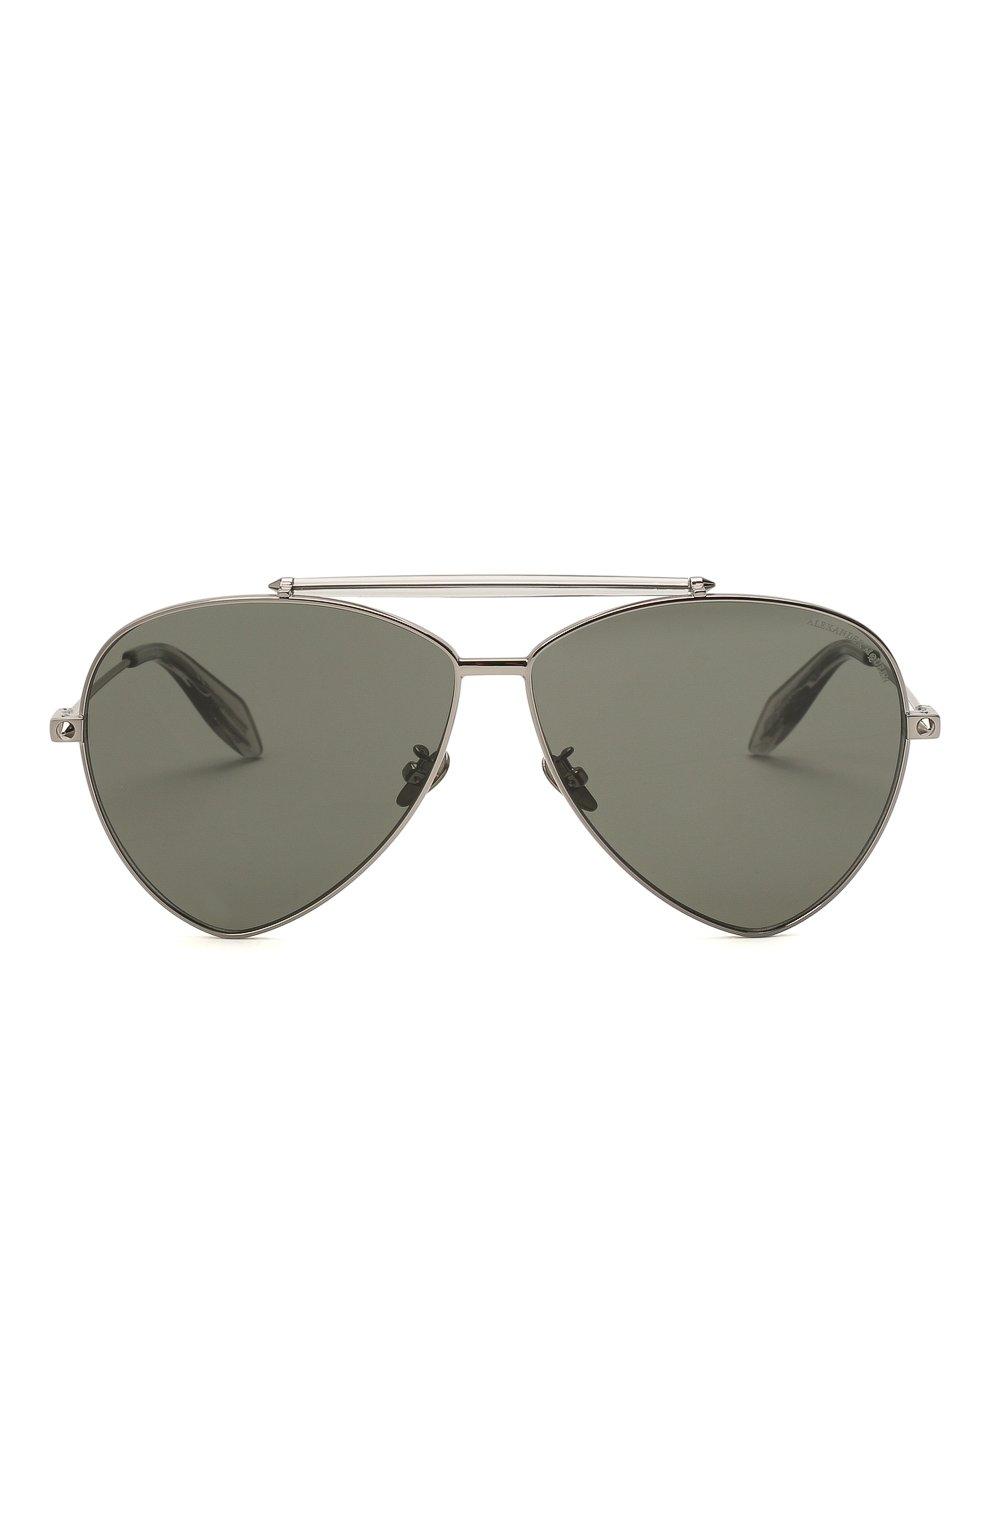 Женские солнцезащитные очки ALEXANDER MCQUEEN серебряного цвета, арт. AM0058 002 | Фото 3